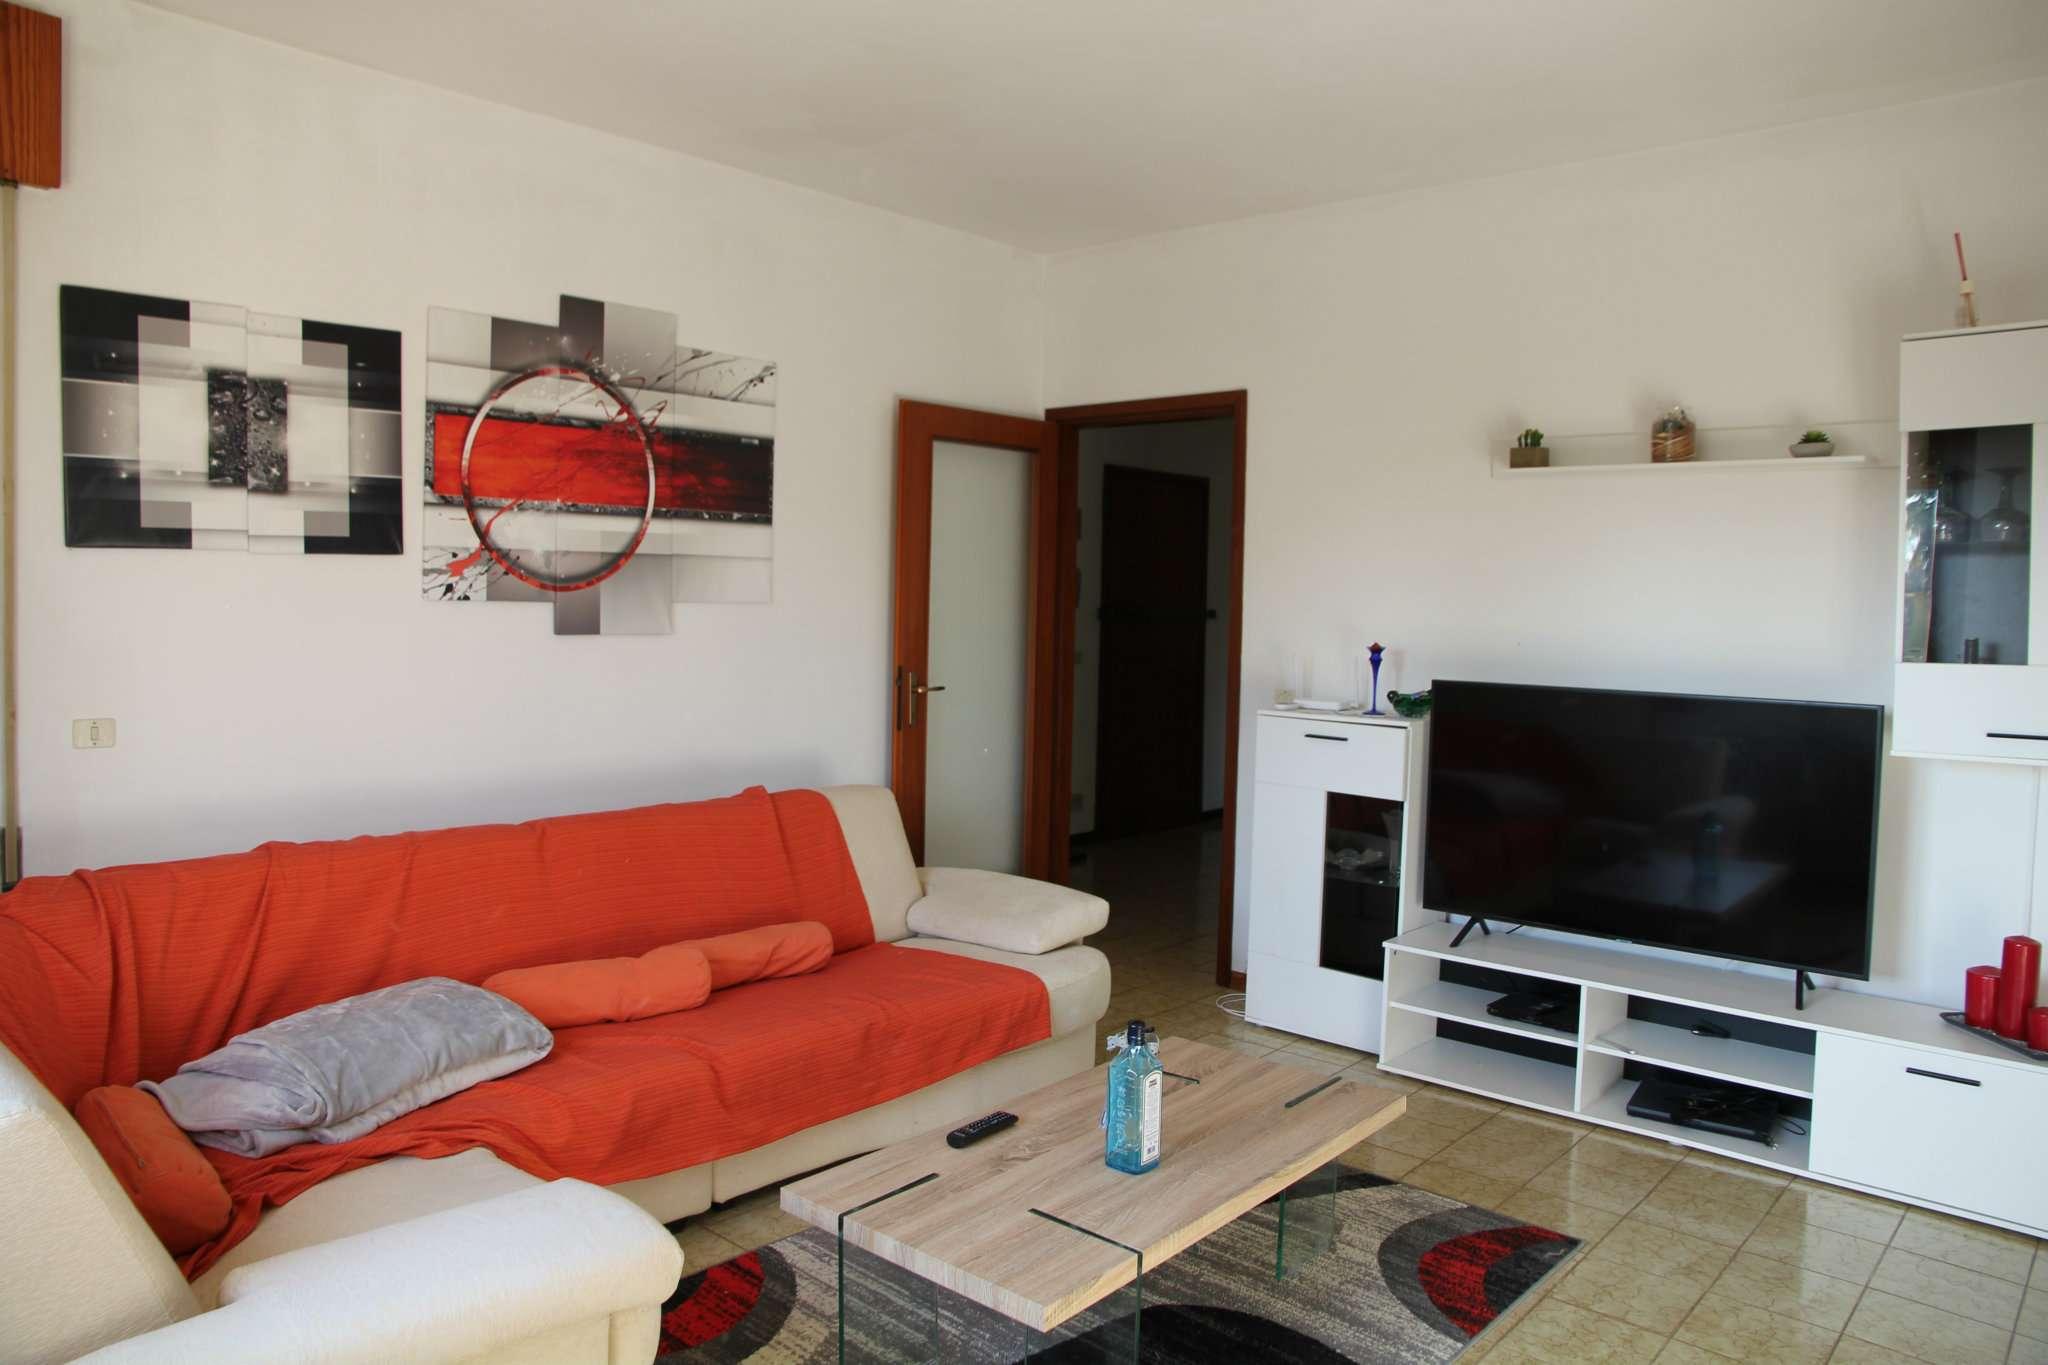 Appartamento in vendita a Salgareda, 3 locali, prezzo € 70.000 | PortaleAgenzieImmobiliari.it